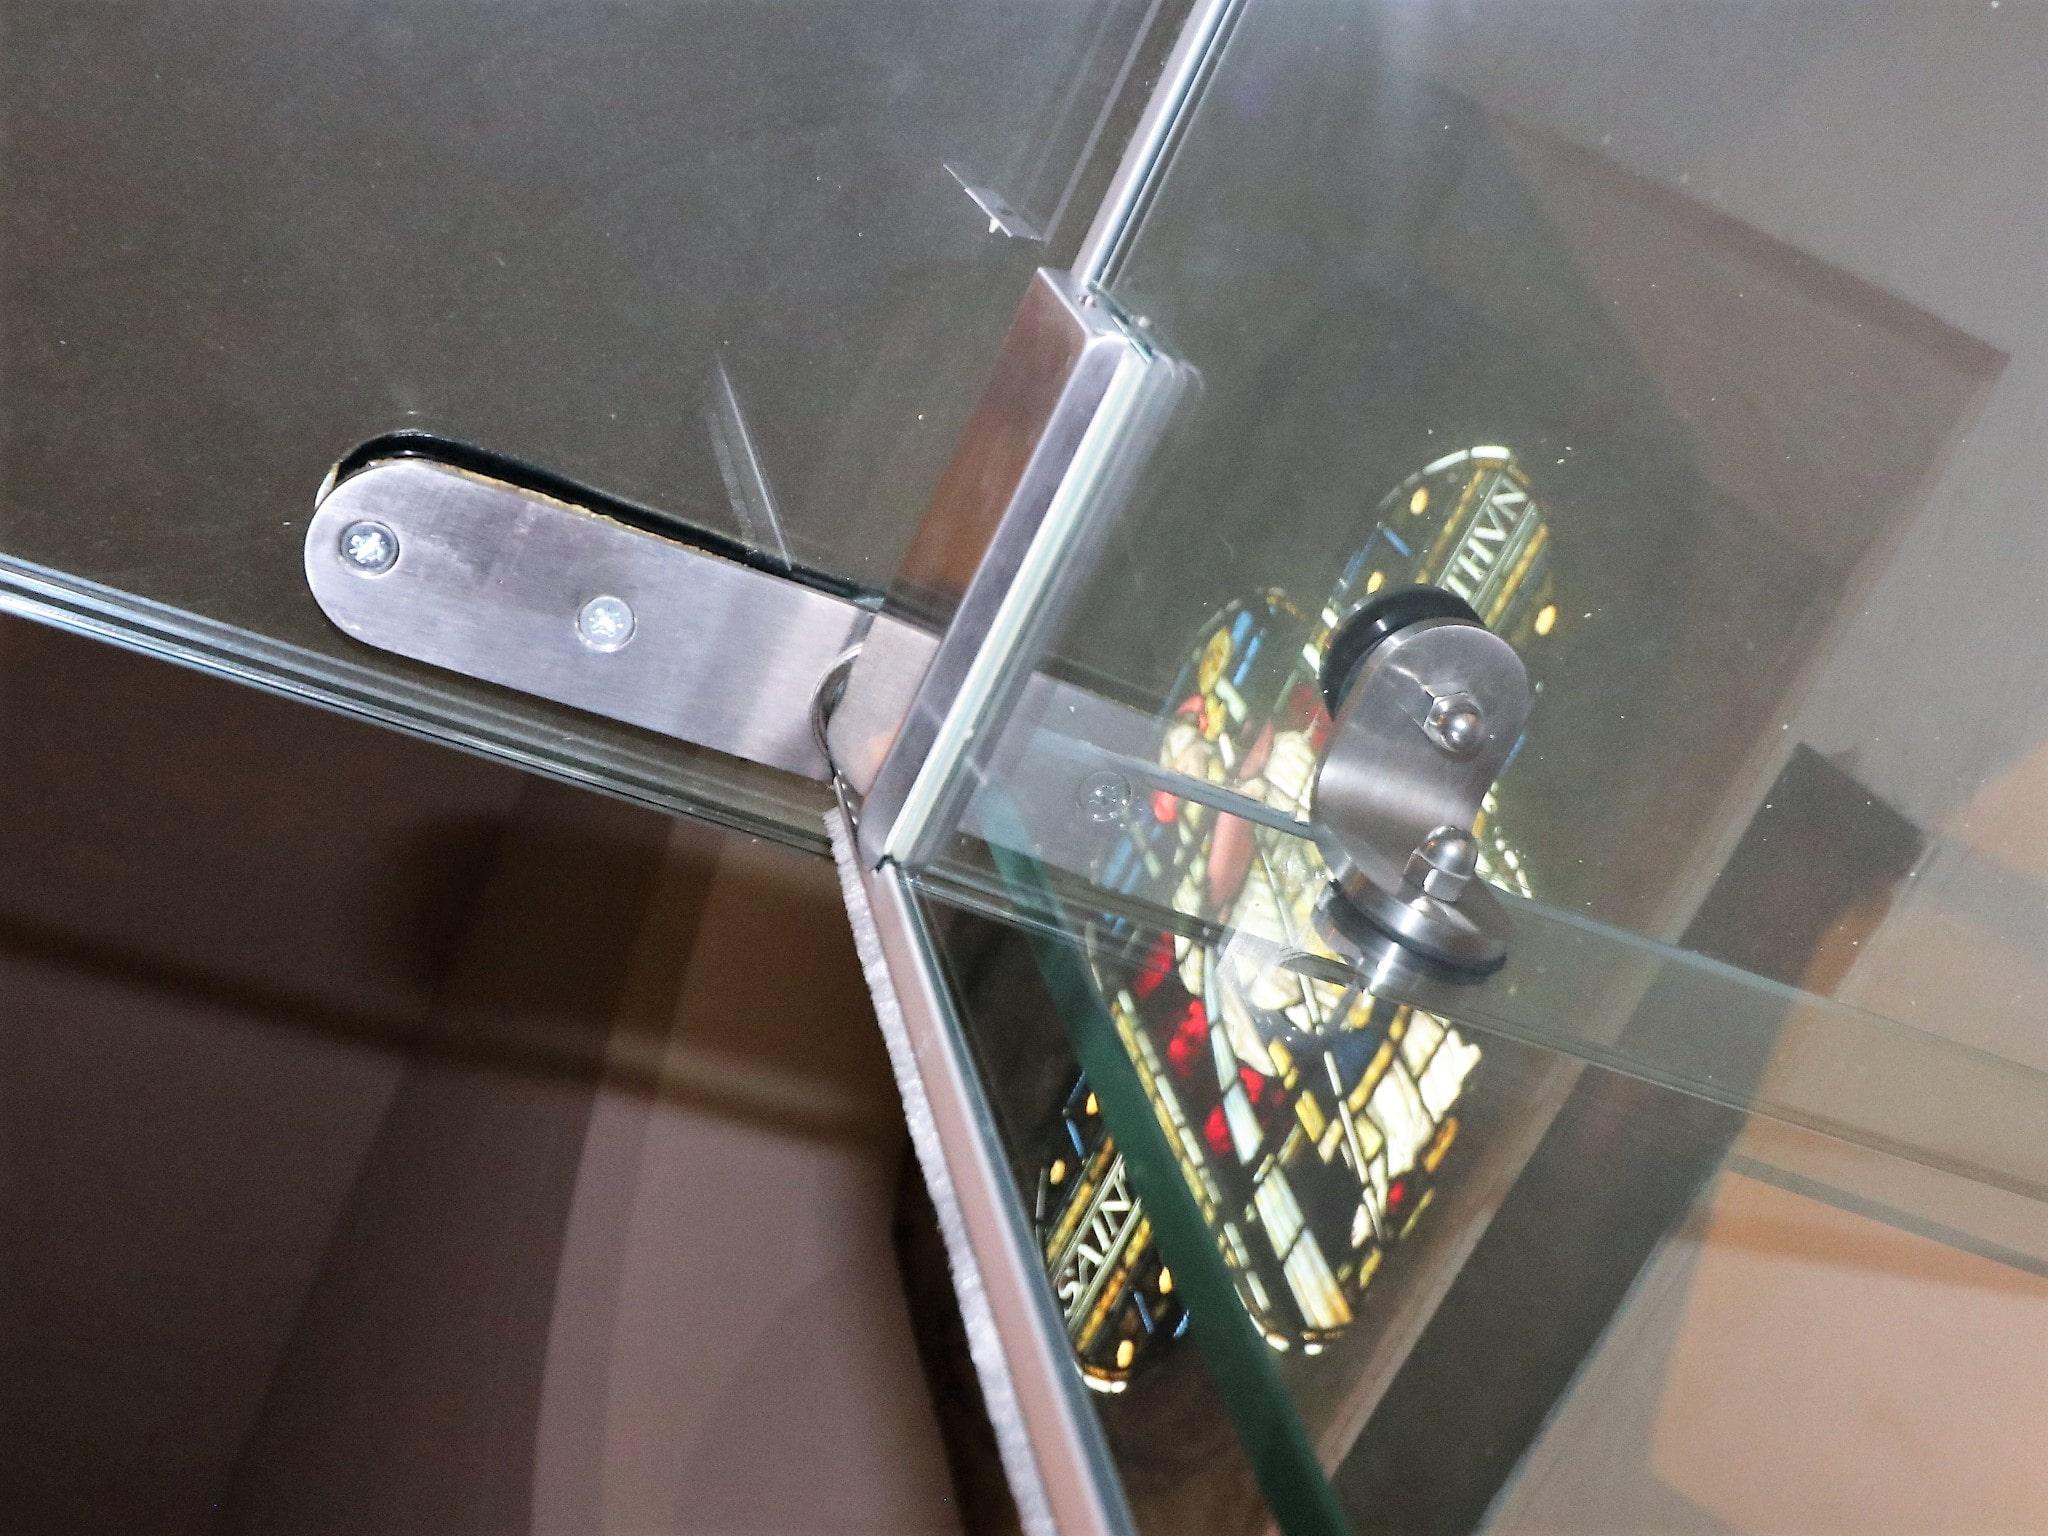 Door hinge for frameless glass screen set into glass ceiling panel